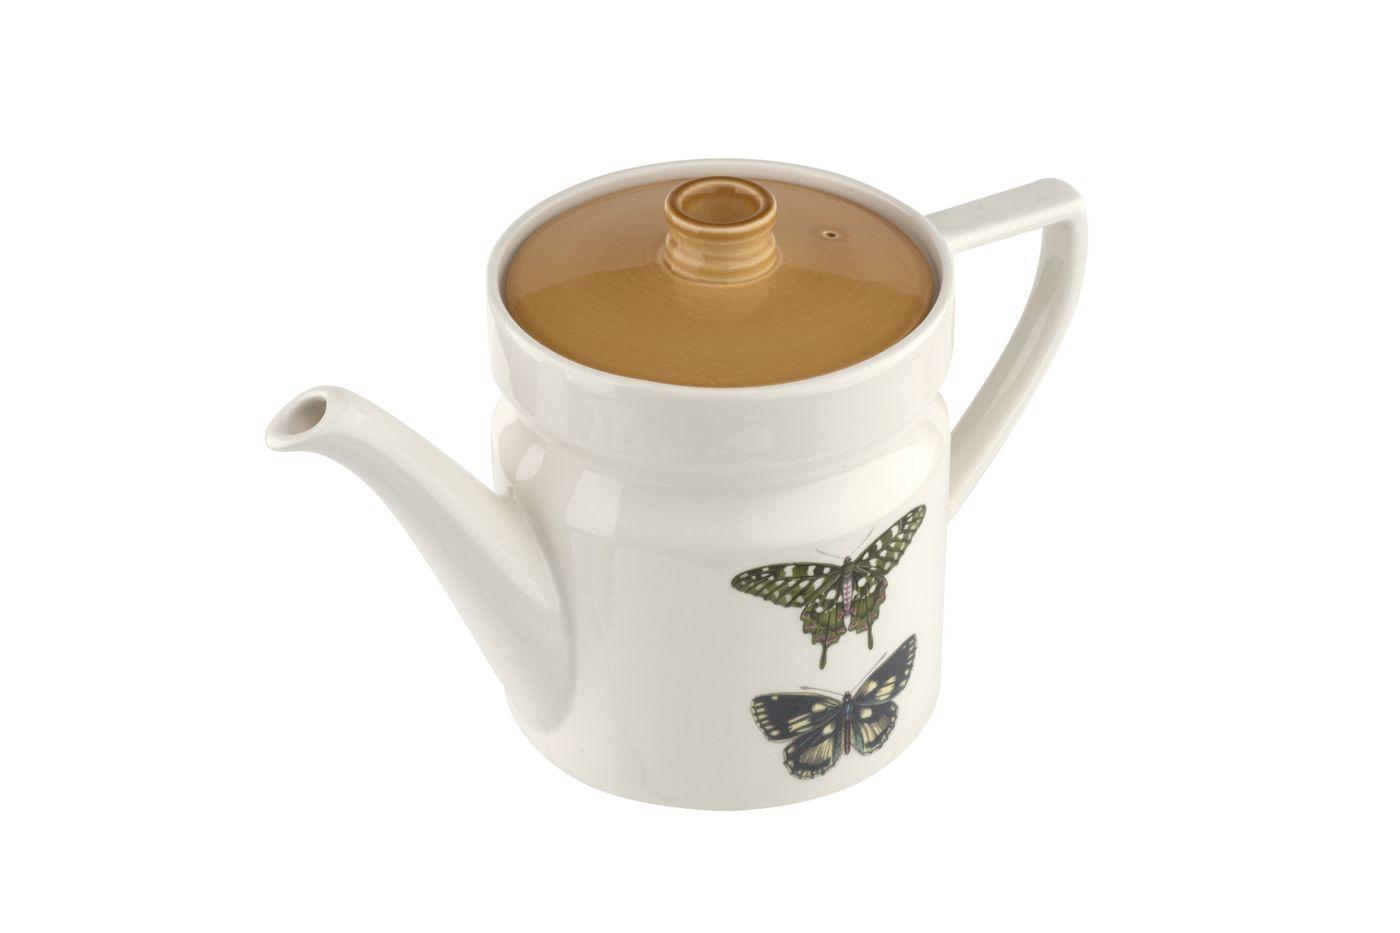 Portmeirion Botanic Garden Harmony Teapot 1.1l thumb 3